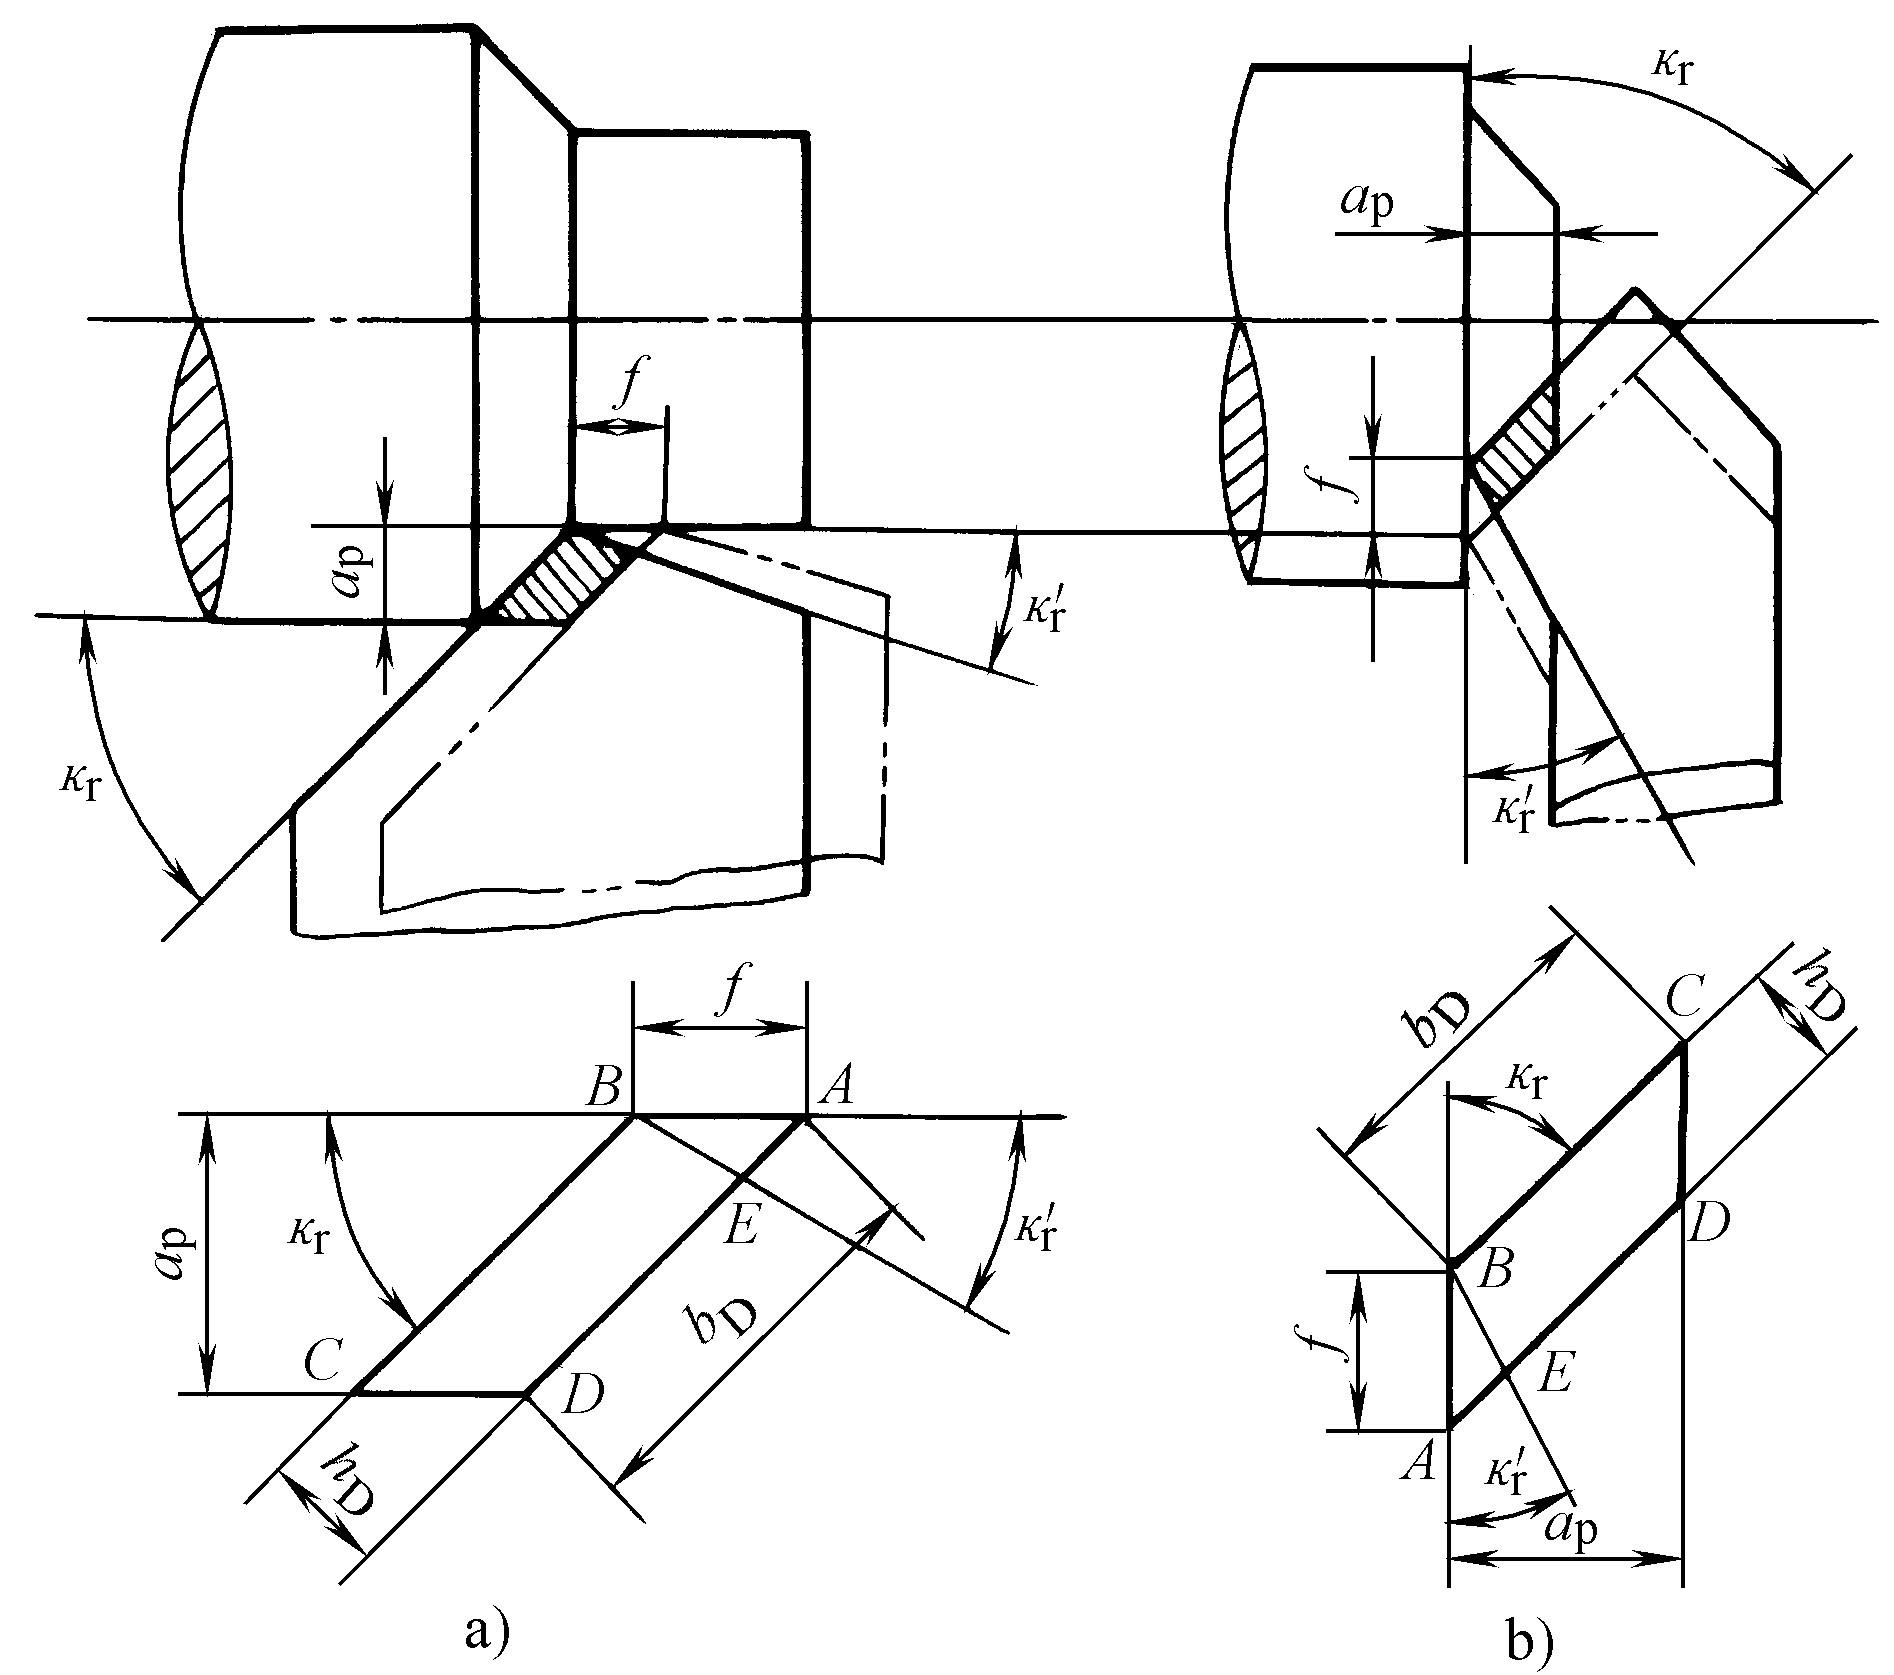 �yf�y/�:+N{��_机械设计课程设计二级圆柱斜齿轮减速器f=2200n,v=0.